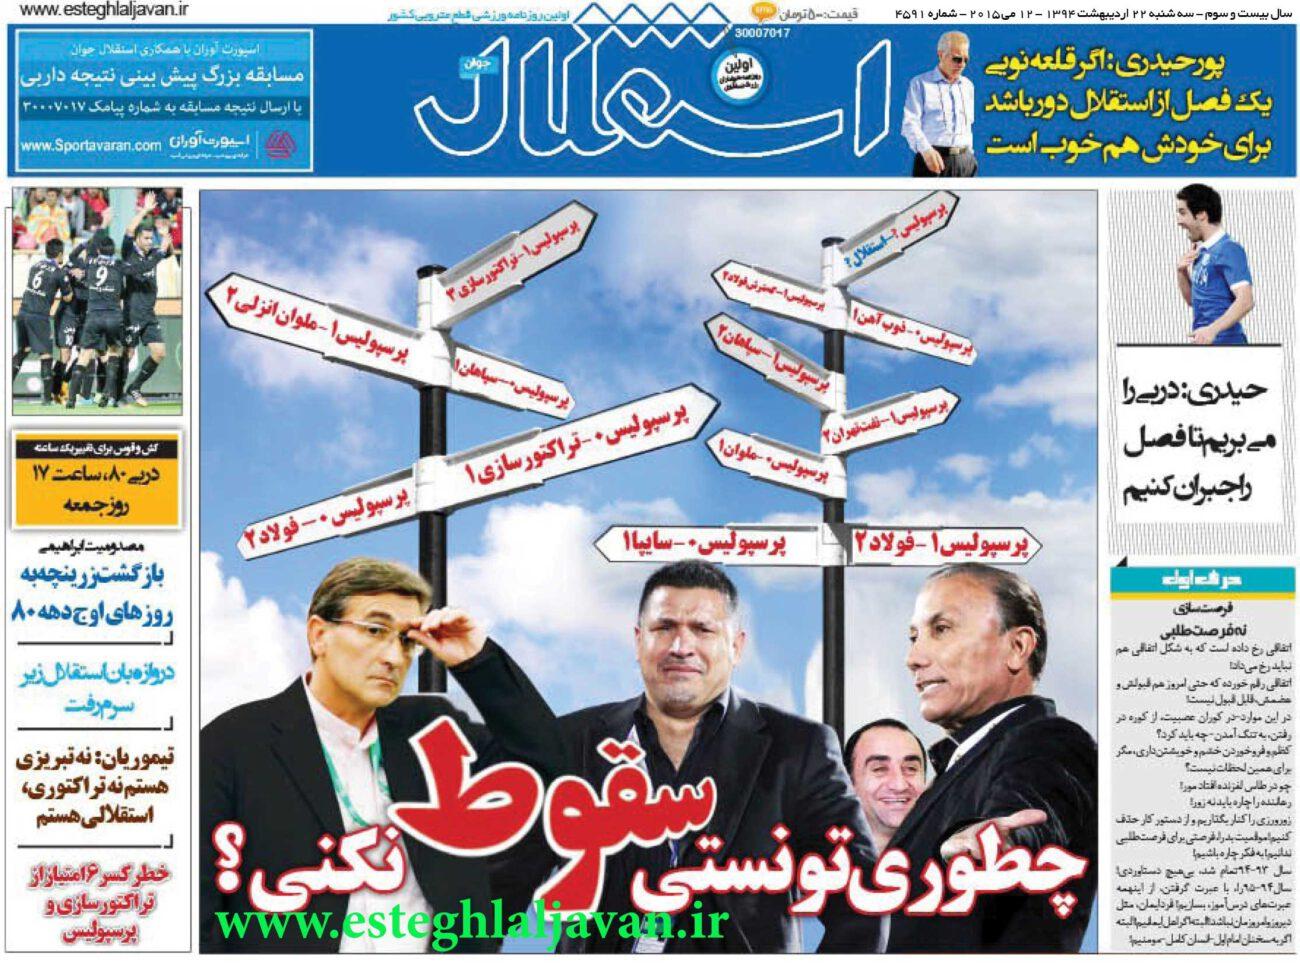 www.dustaan.com نیم صفحه اول روزنامه های ورزشی سه شنبه ۲۲ اردیبهشت ماه ۱۳۹۴